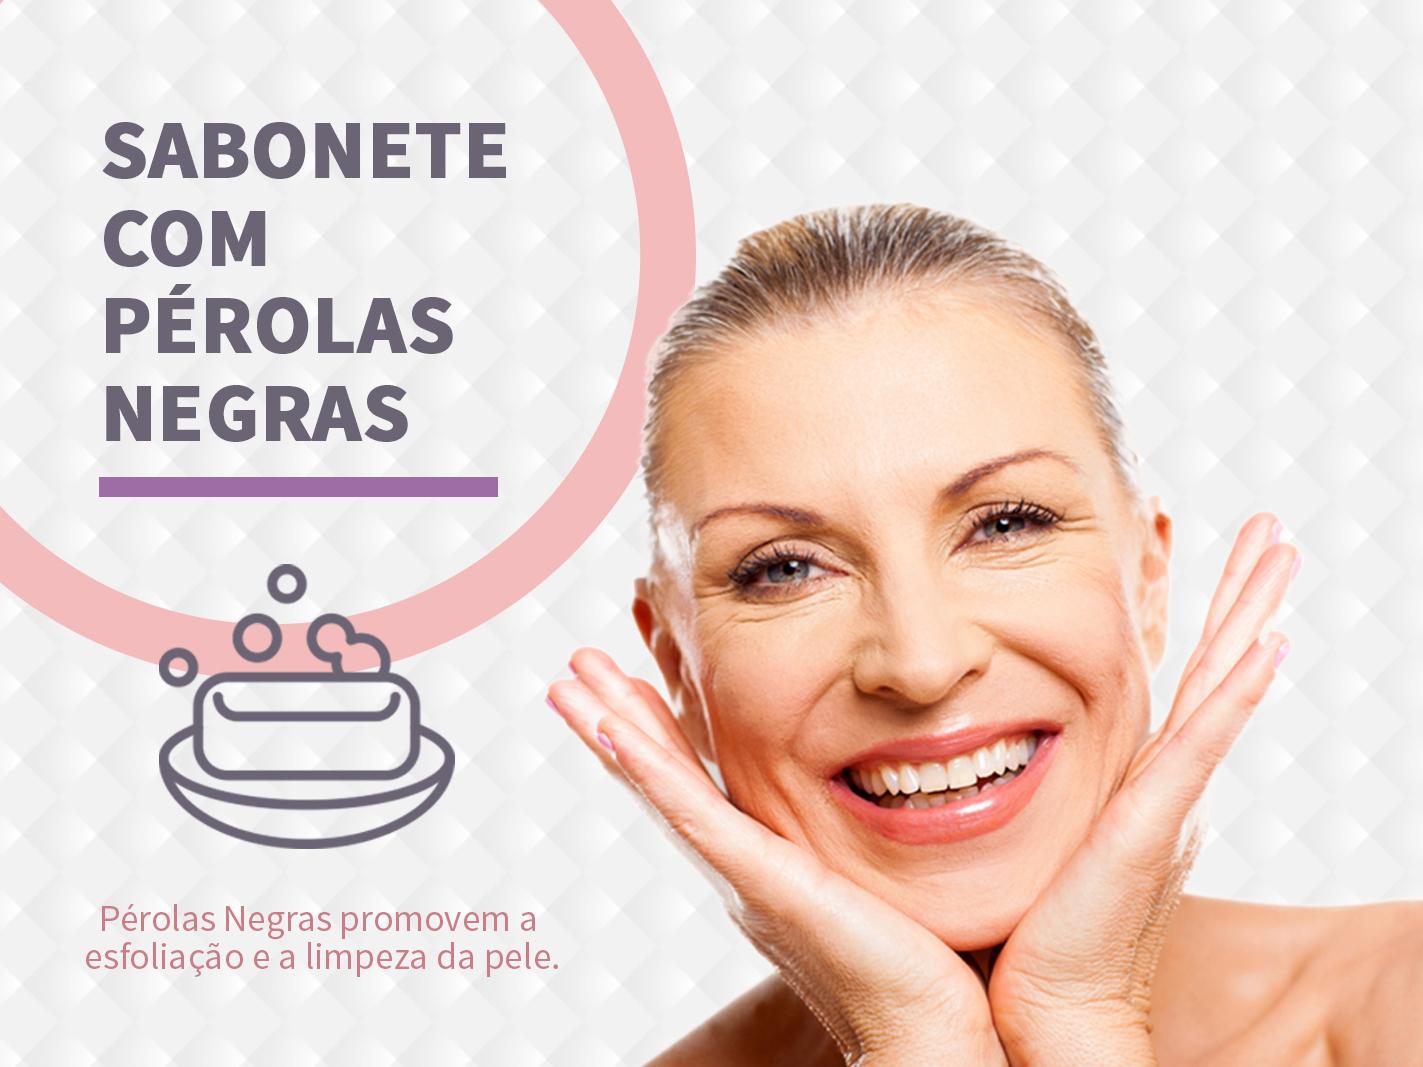 Pérolas negras promovem esfoliação e limpeza da pele